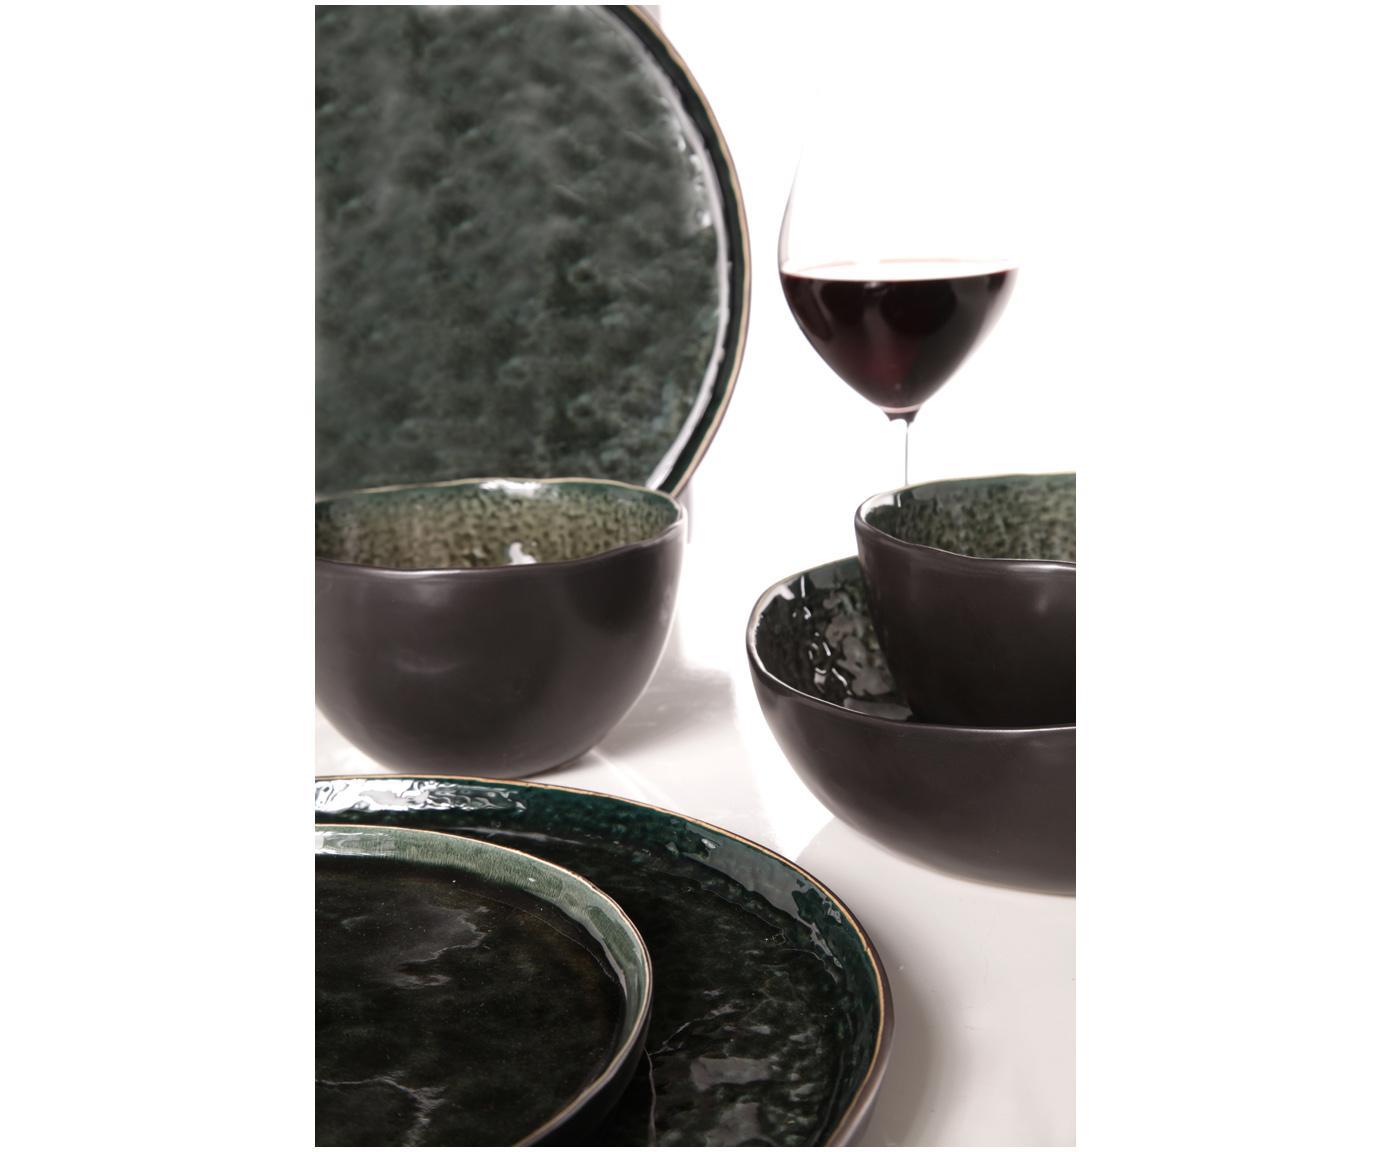 Speiseteller Lagune in Dunkelgrün, 4 Stück, Keramik, Graubraun, Schwarzgrün, Ø 27 cm